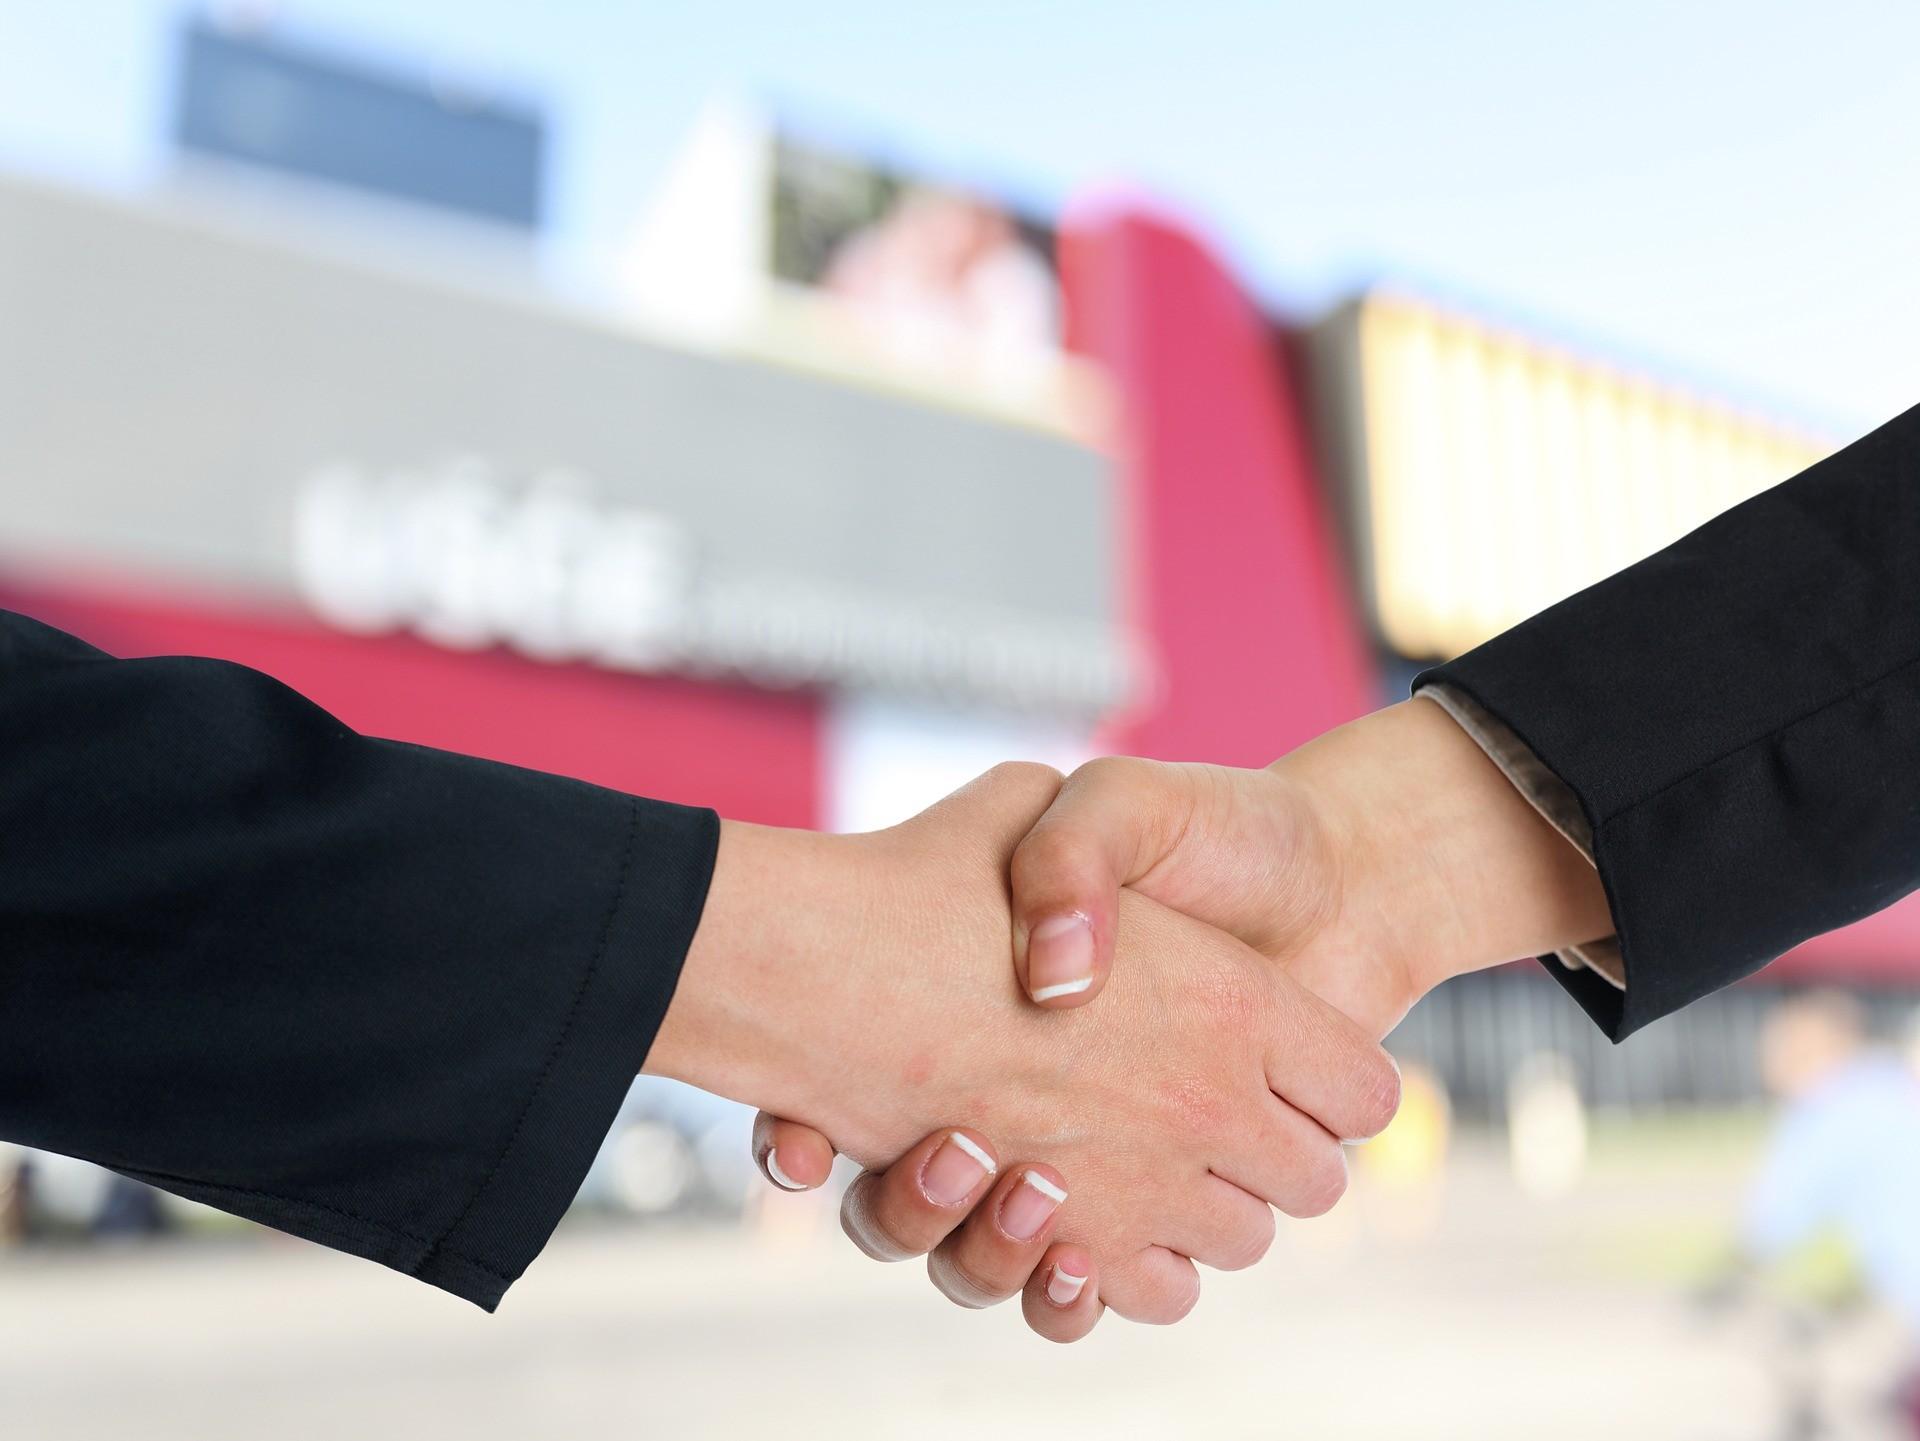 Apprenez les Avantages et Comment Souscrire à une Offre de Carte de Crédit Cetelem